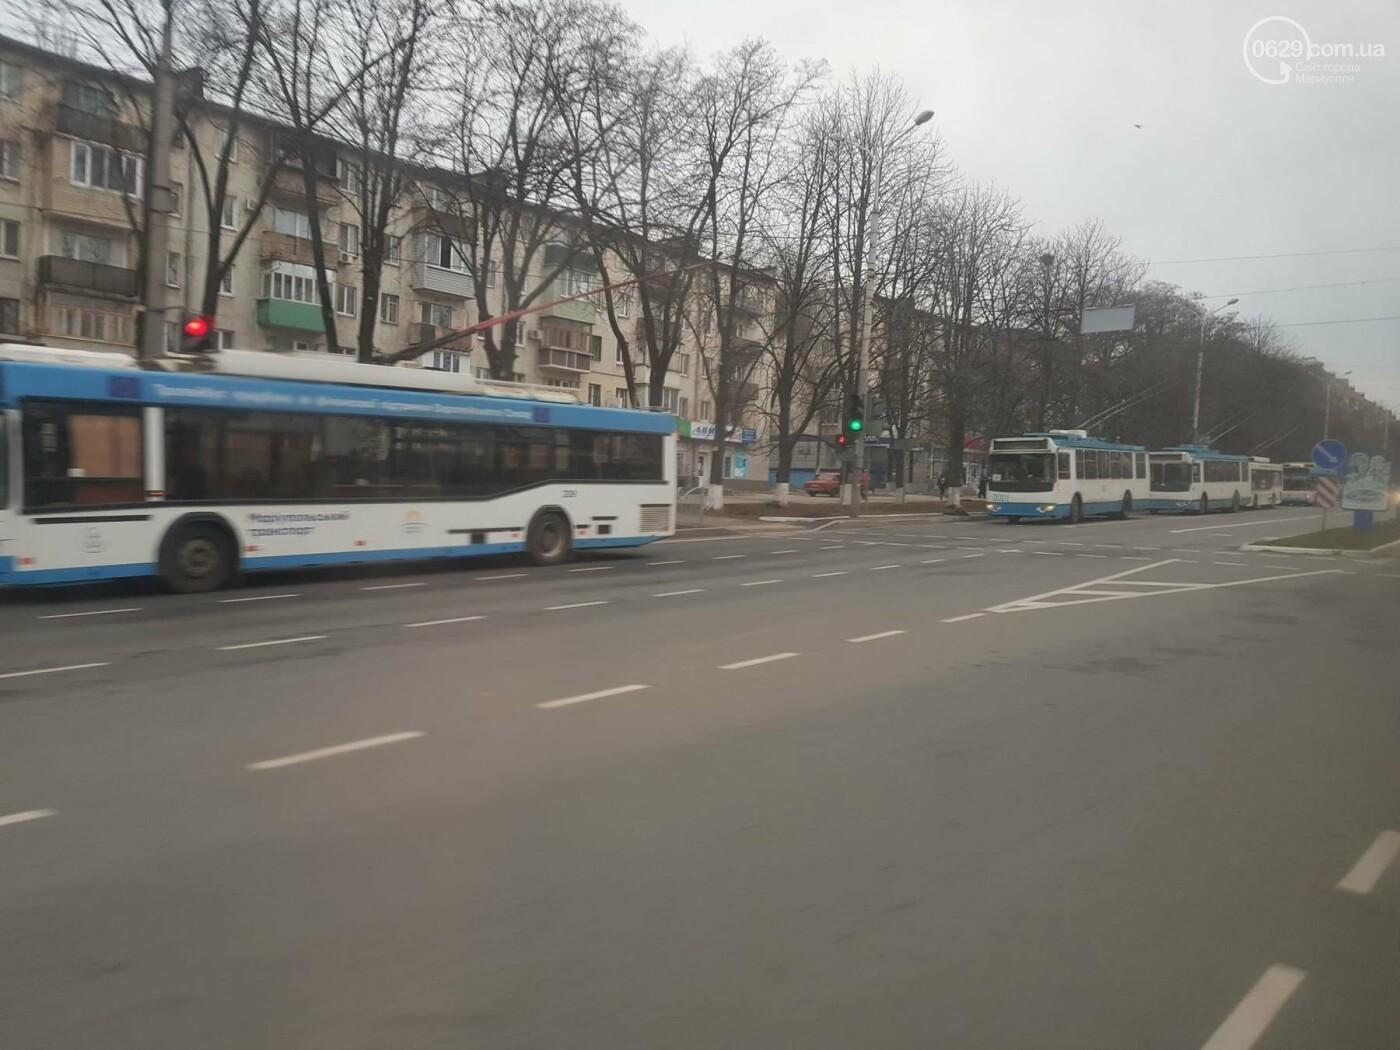 В центре Мариуполя парализовано движение троллейбусов, - ФОТОФАКТ, фото-1